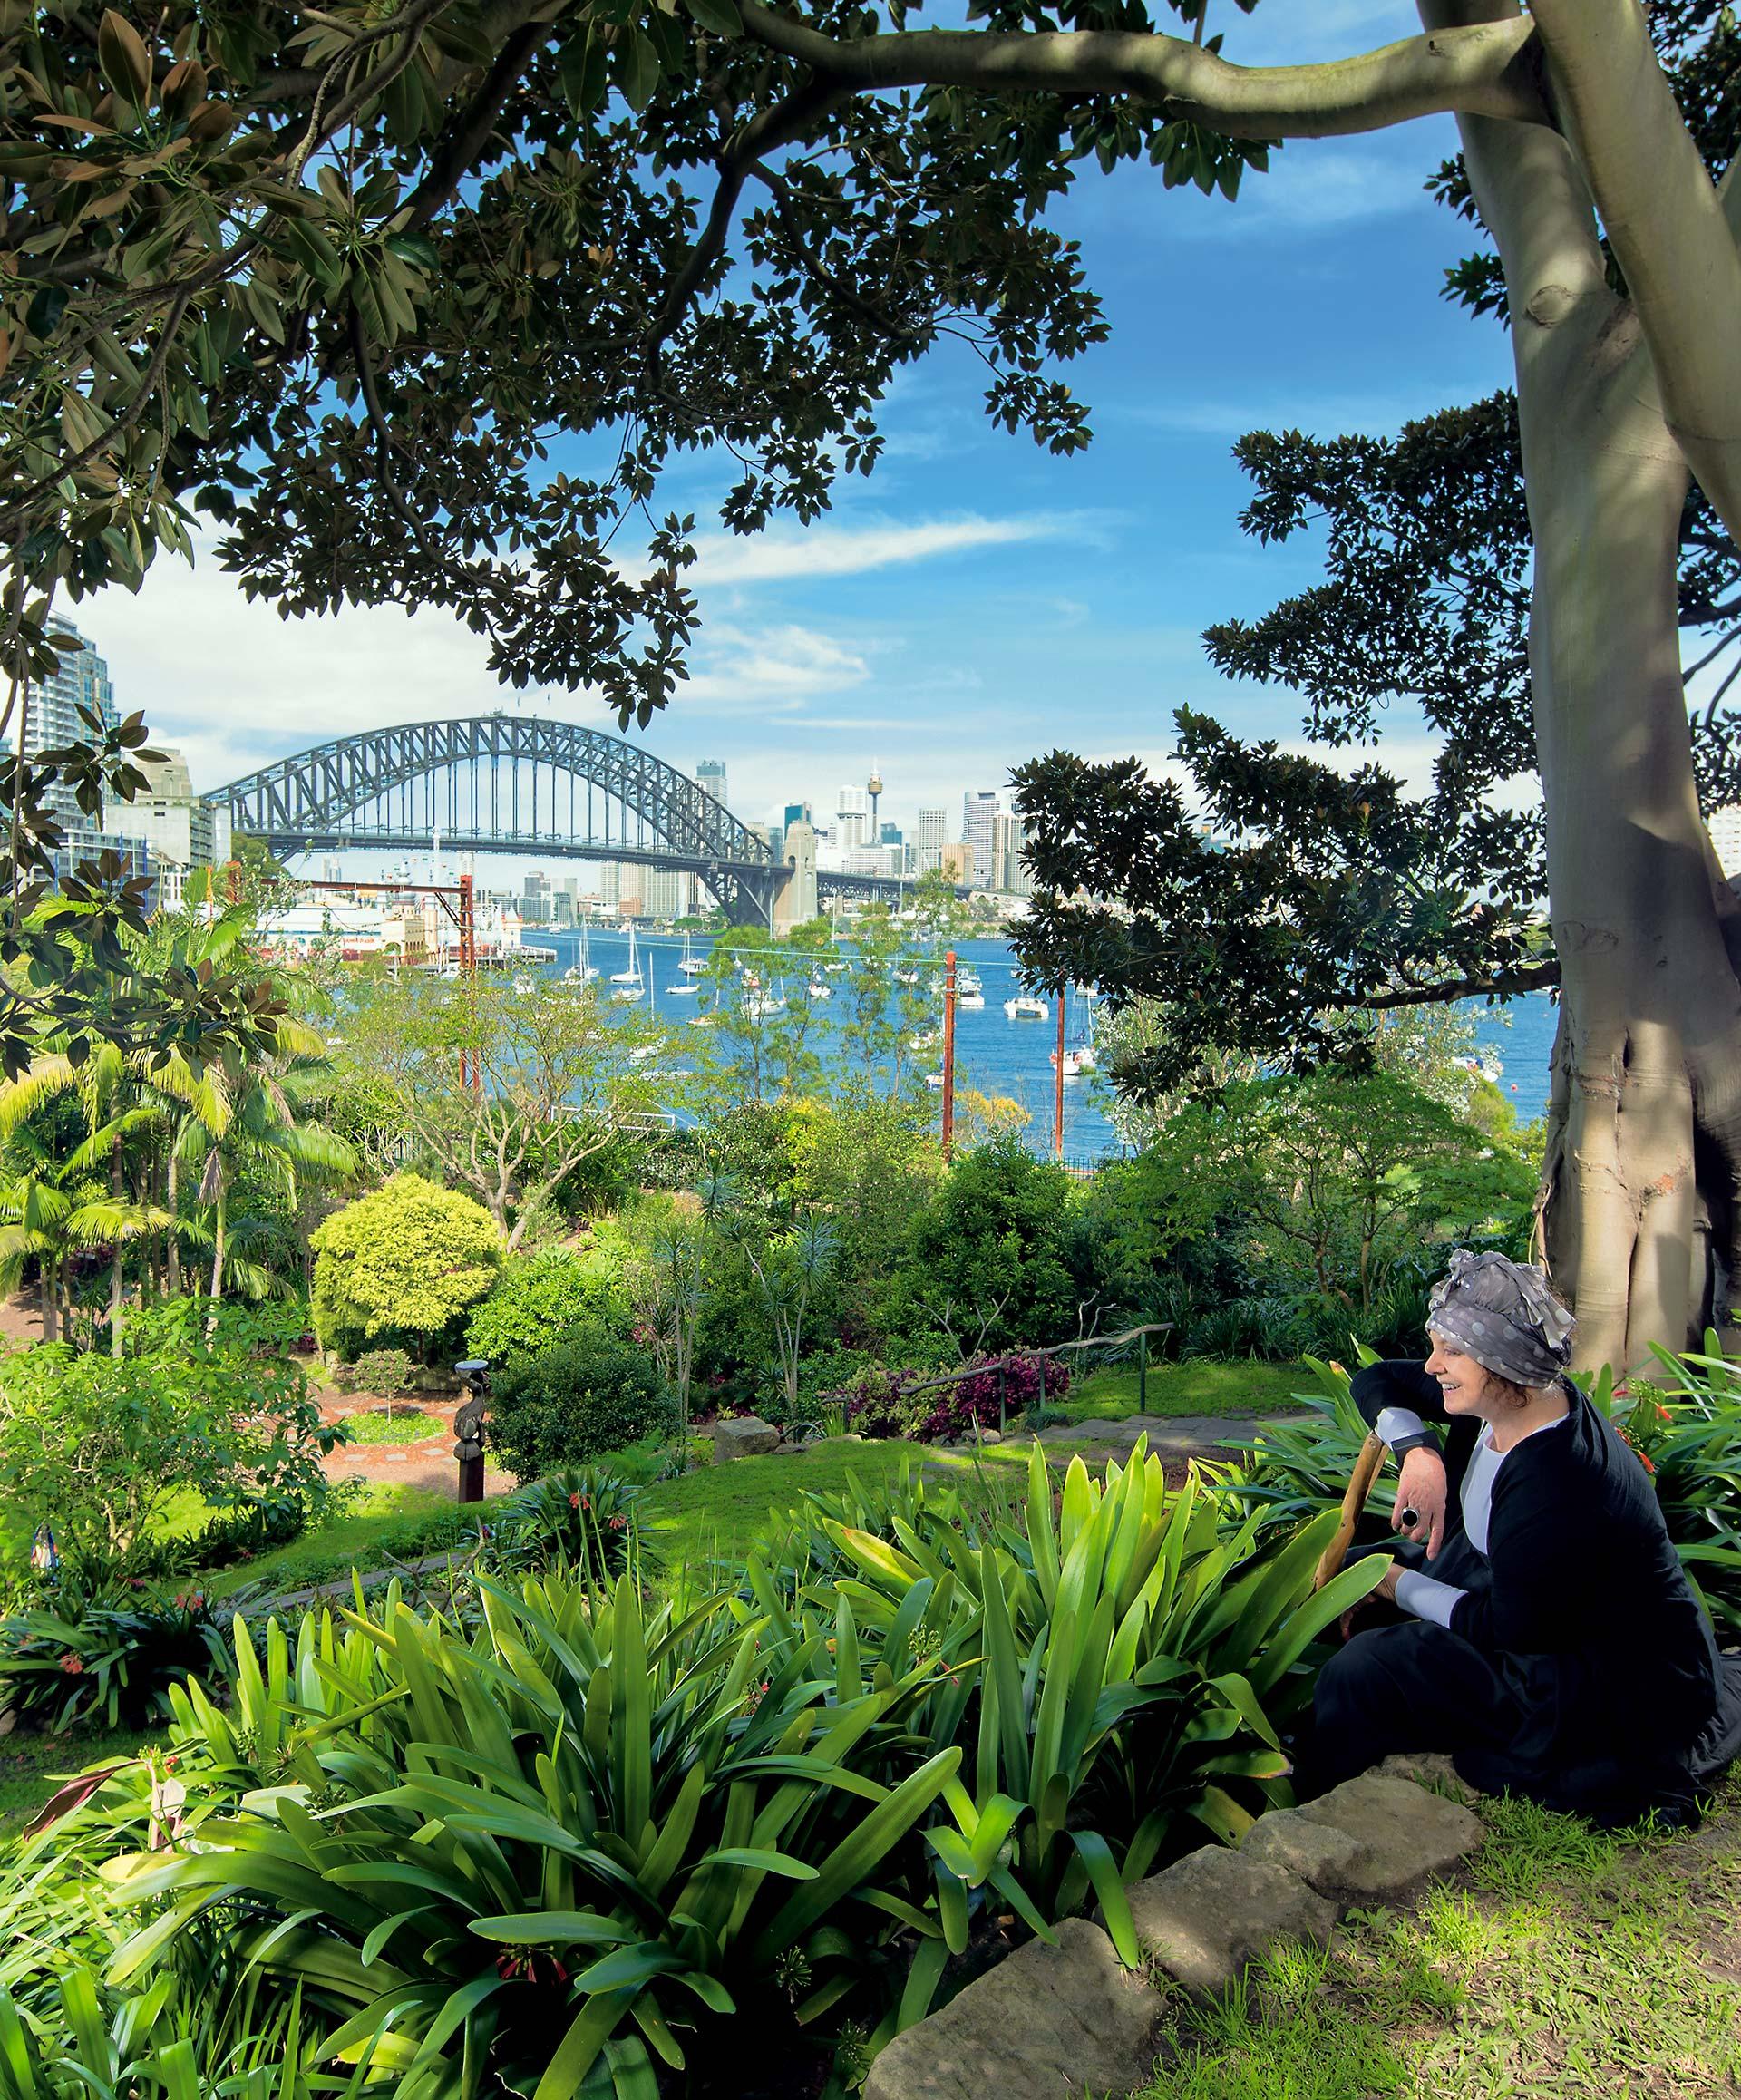 Secret Garden: Wendy's Secret Garden